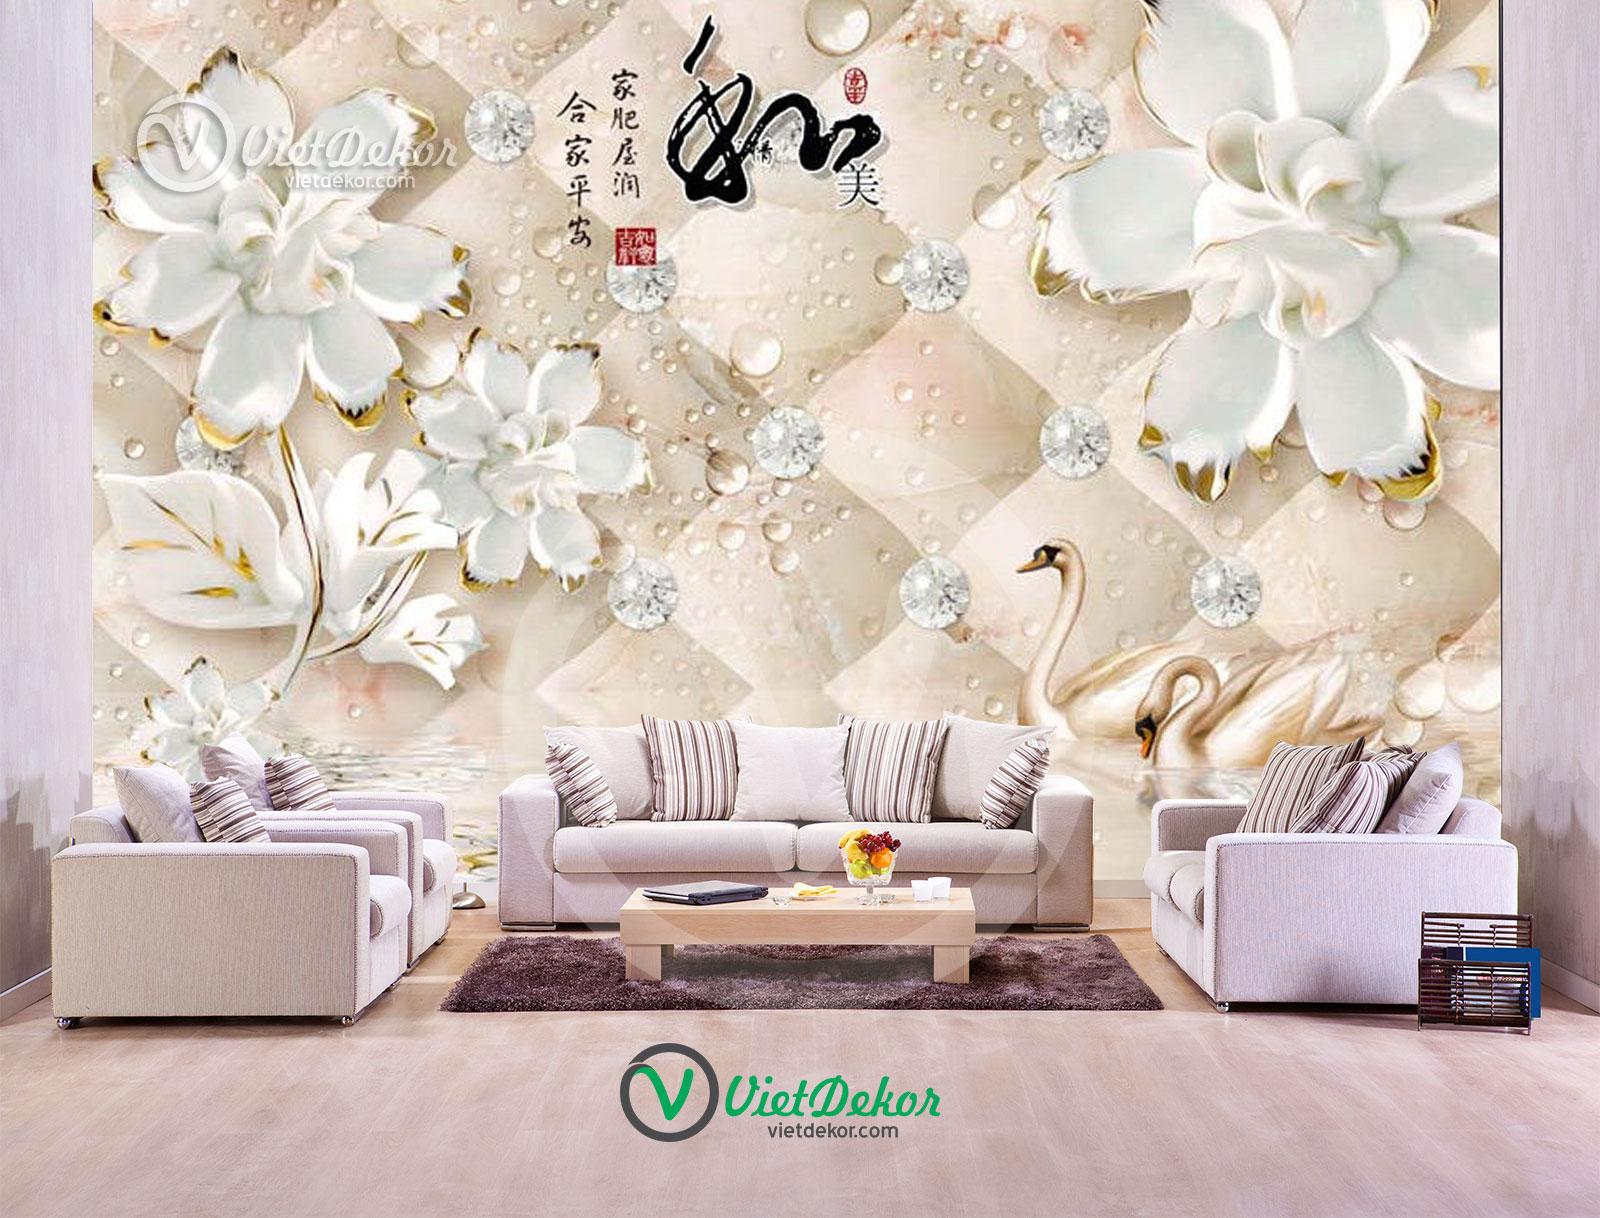 Tranh dán tường 3d hoa bướm thiên nga ngọc trai trang sức